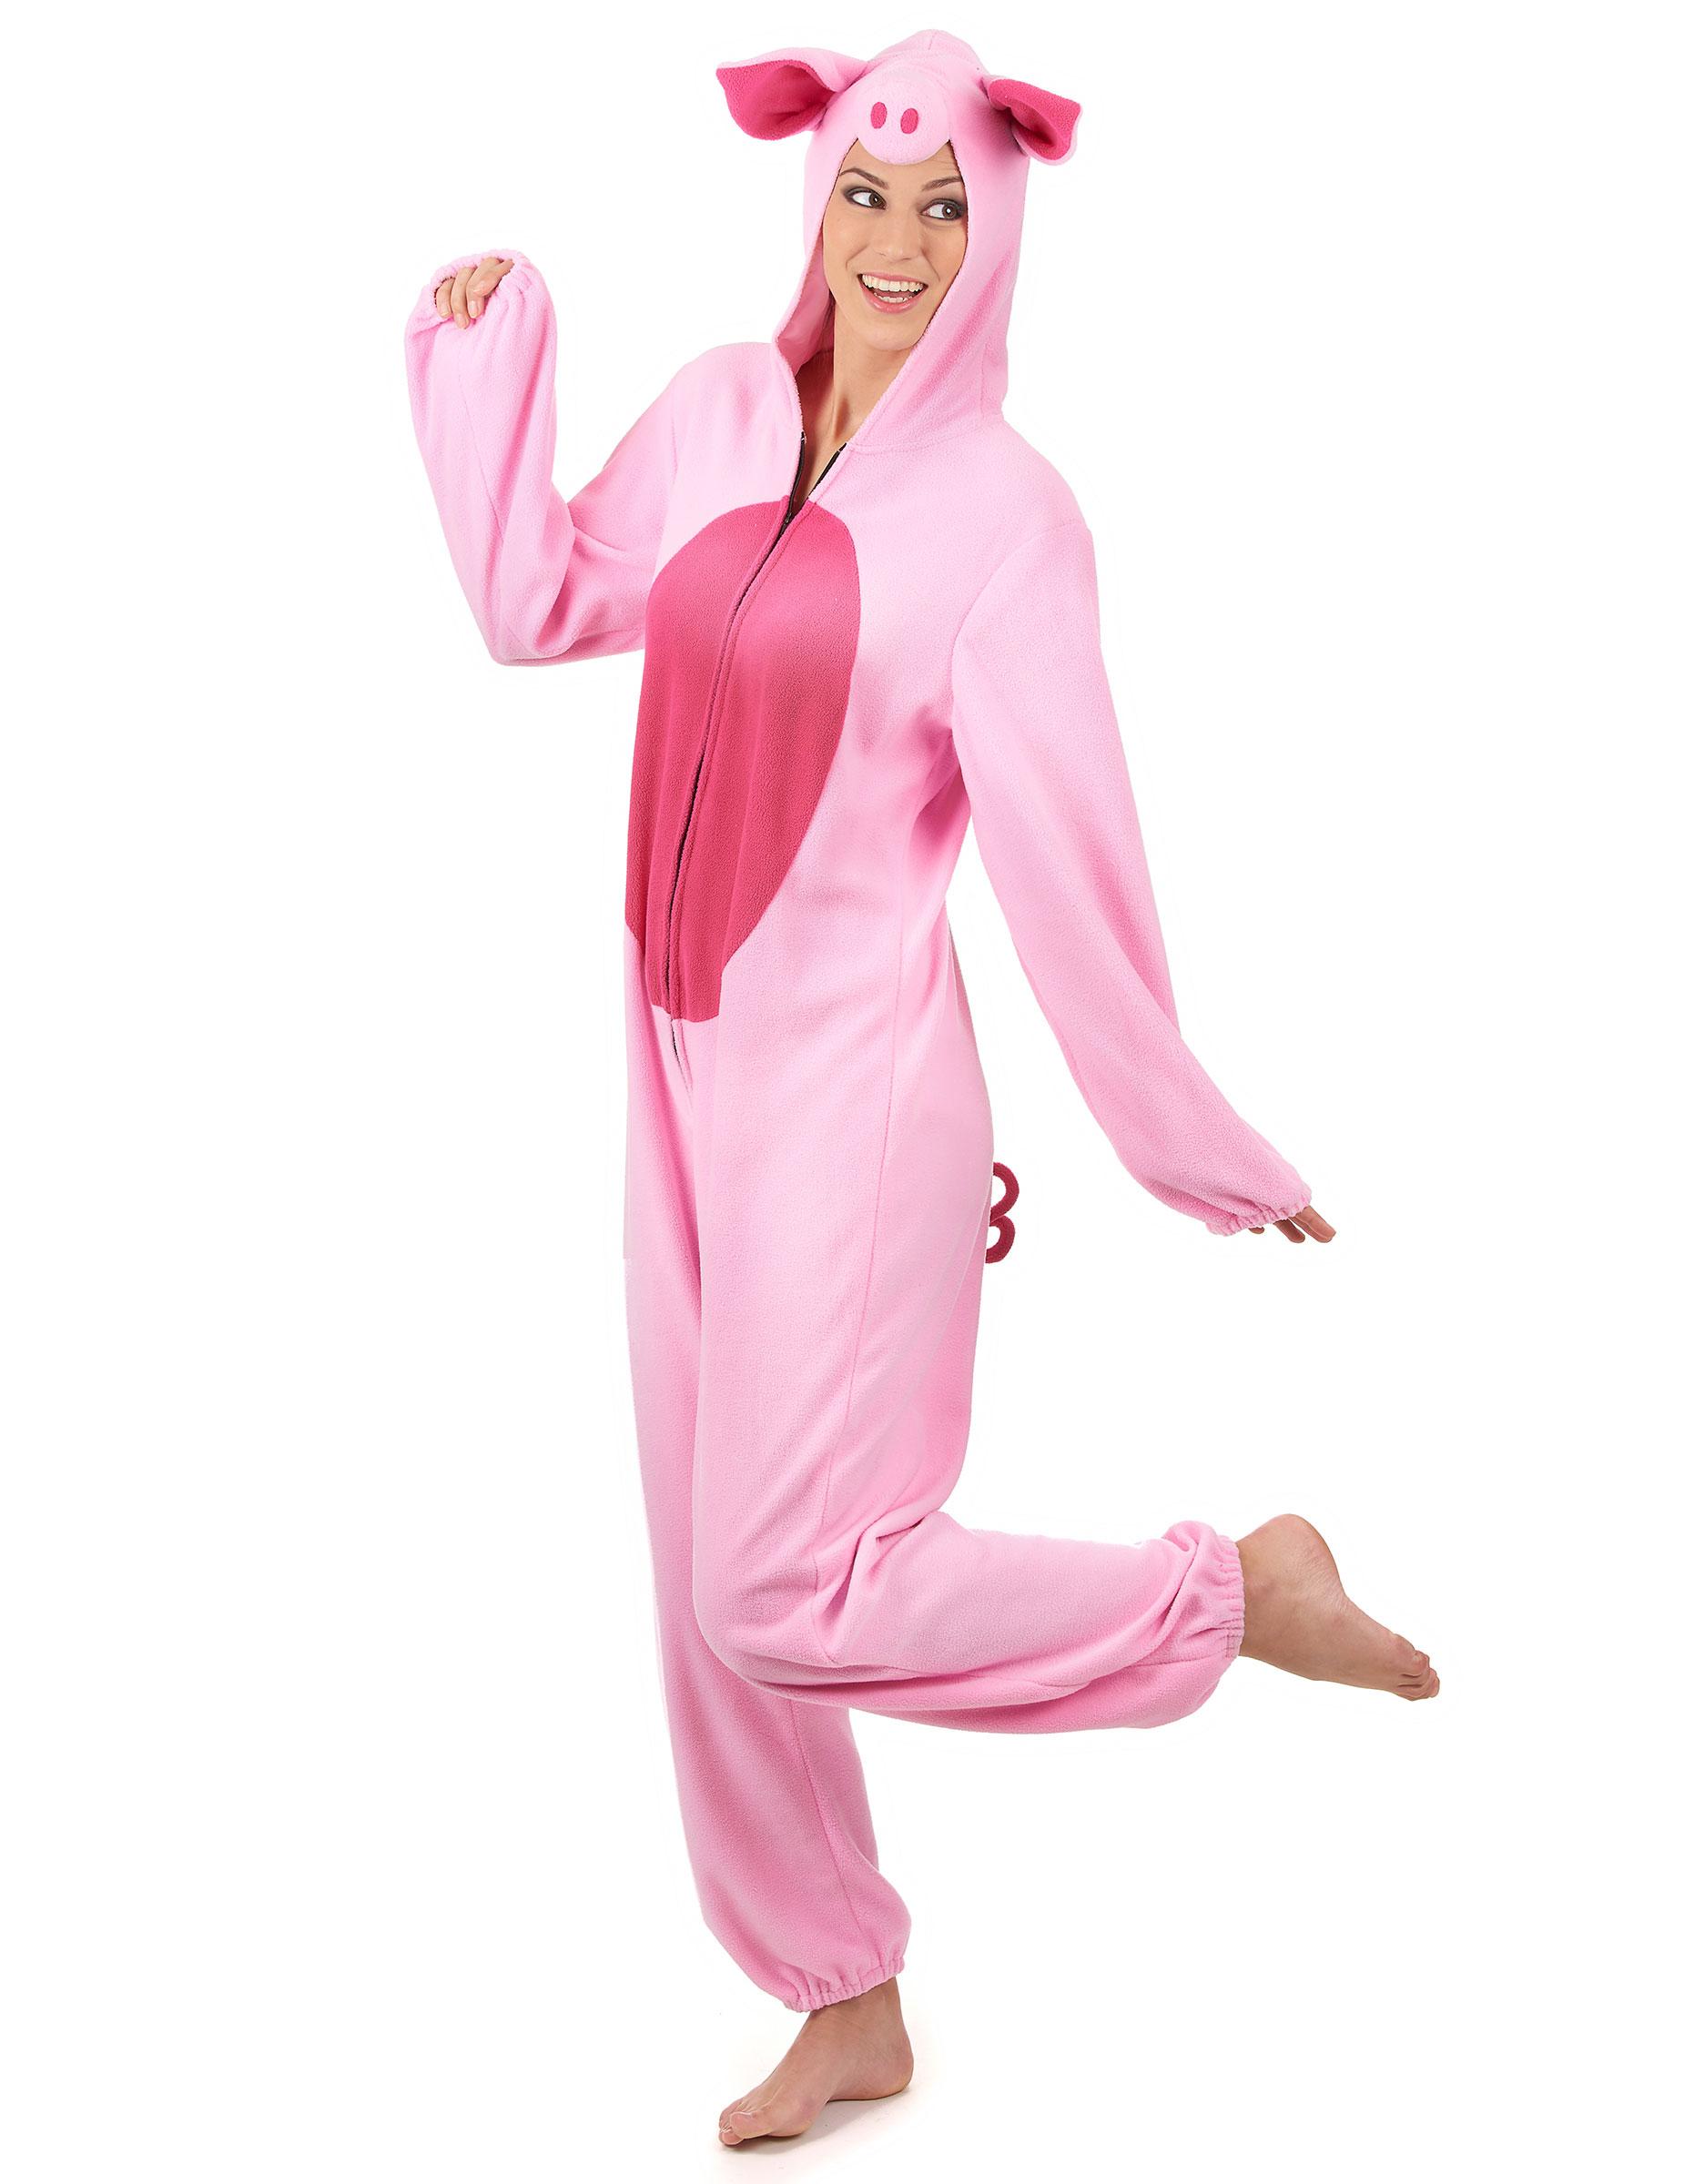 Déguisement cochon femme   Deguise-toi, achat de Déguisements adultes ea8d226a9ba3